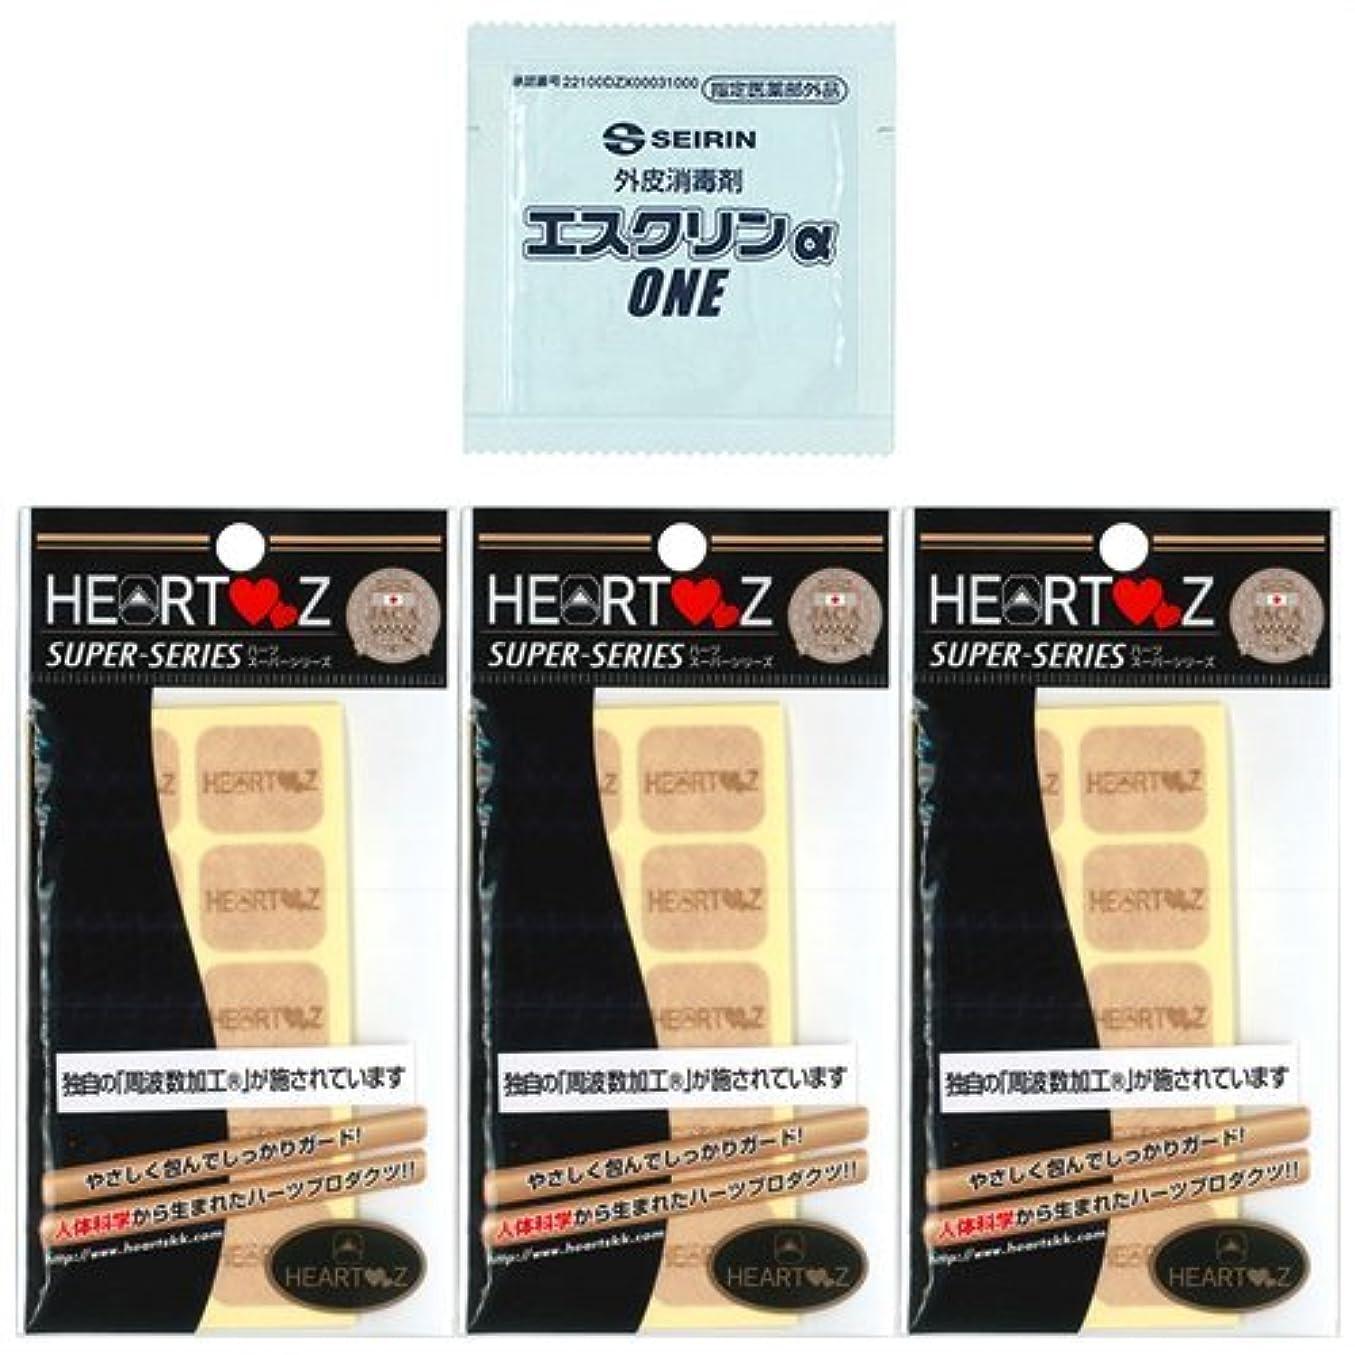 スパンポインタ寄稿者【HEARTZ(ハーツ)】ハーツスーパーシール レギュラータイプ 80枚入×3個セット (計240枚) + エスクリンαONEx1個 セット